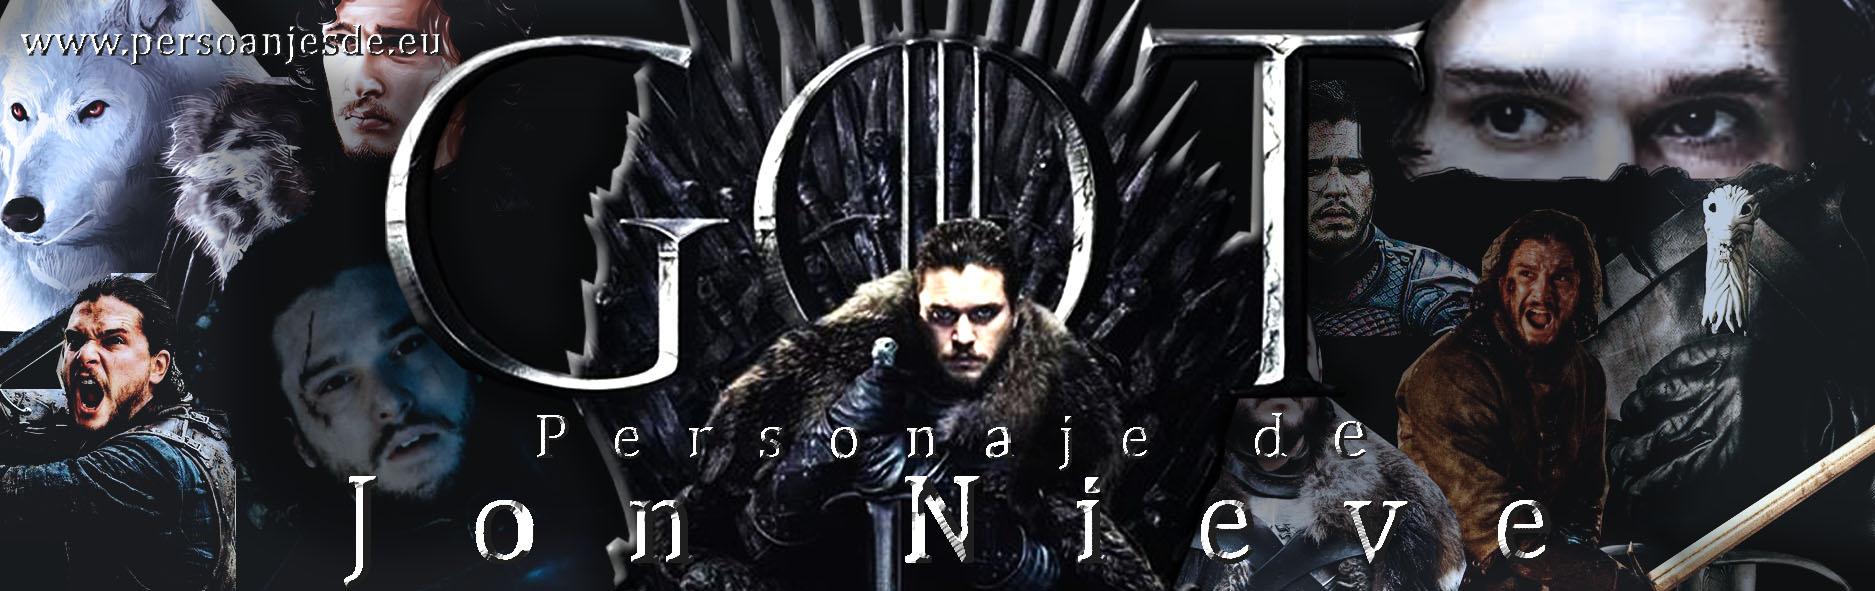 Personaje de Jon Nieve de Juego de Tronos